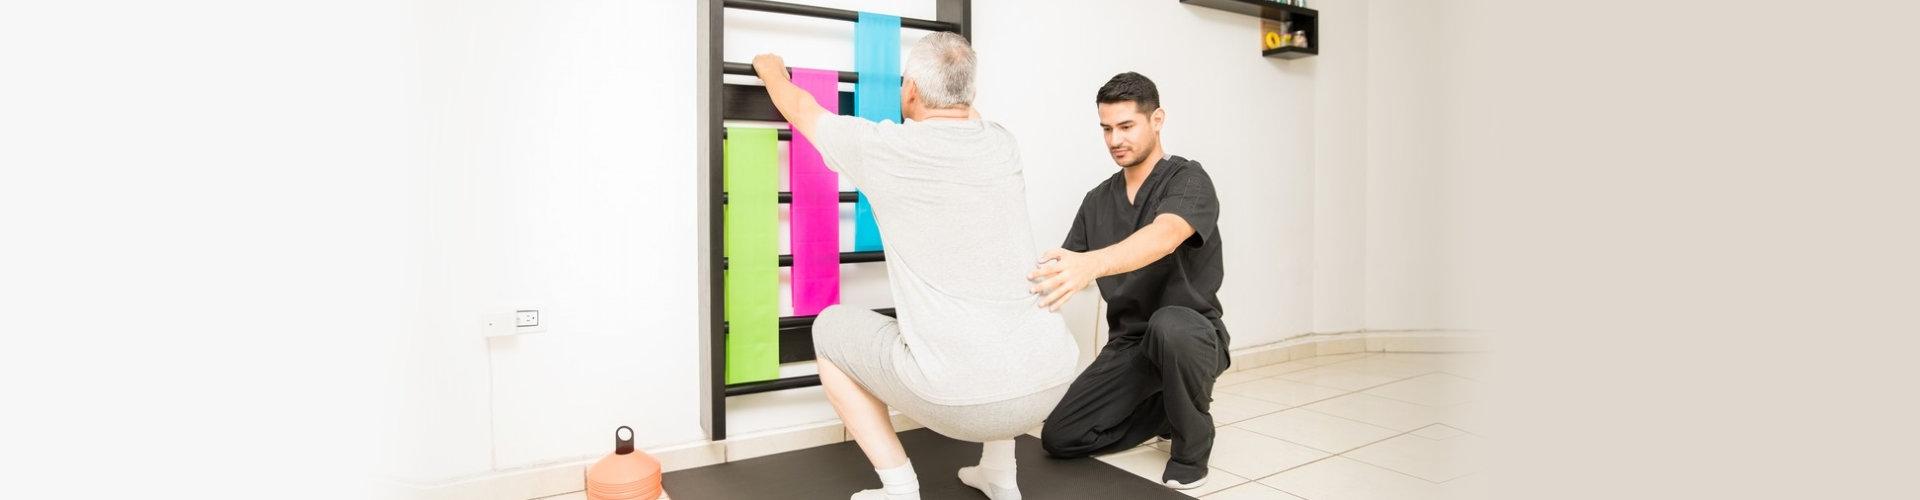 a caregiver assisting a senior man exercise